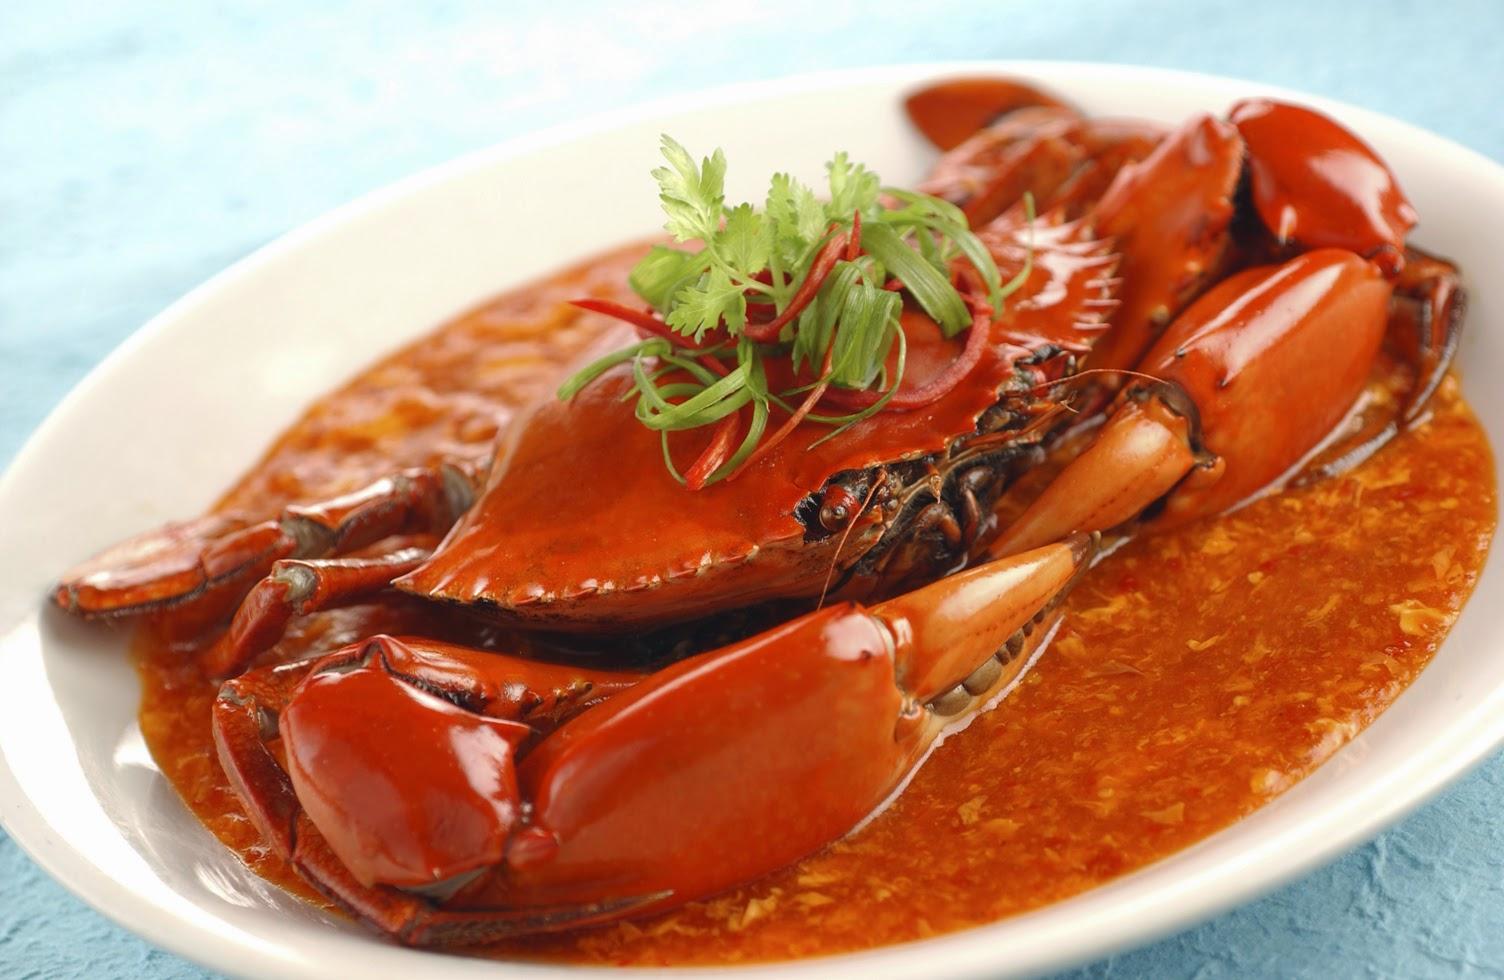 Resep Masakan Nusantara Page 22 Of 81 Portal Ide Usaha Kuliner Dan Resep Masakan